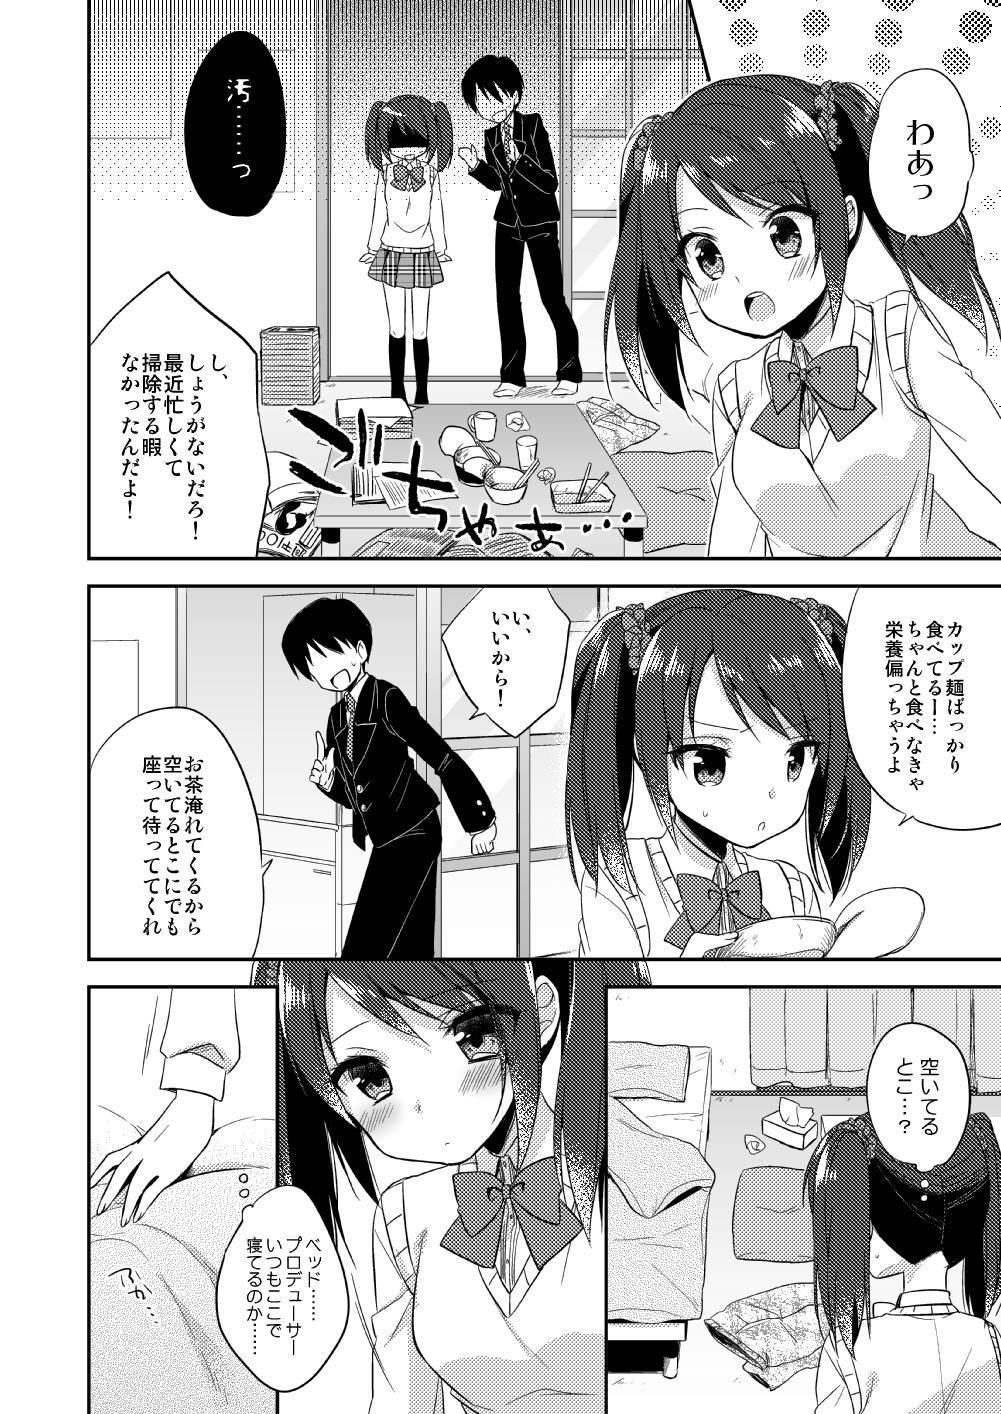 Onnanoko no kimochi 8